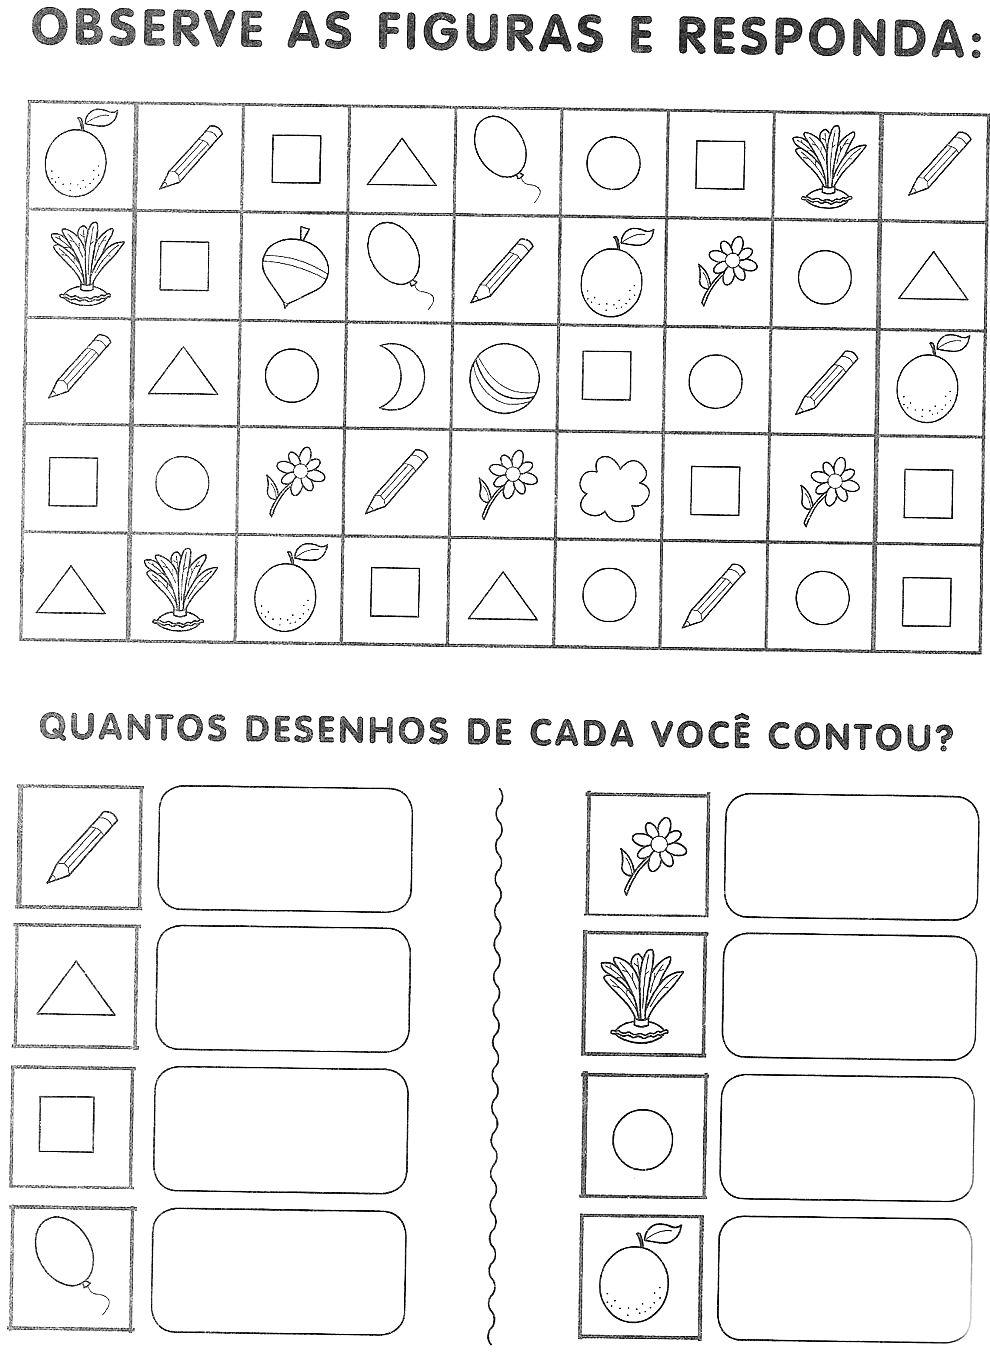 ATIVIDADES DE MATEM  TICA GR  FICOS 1   ANO  TABELA E LEGENDA